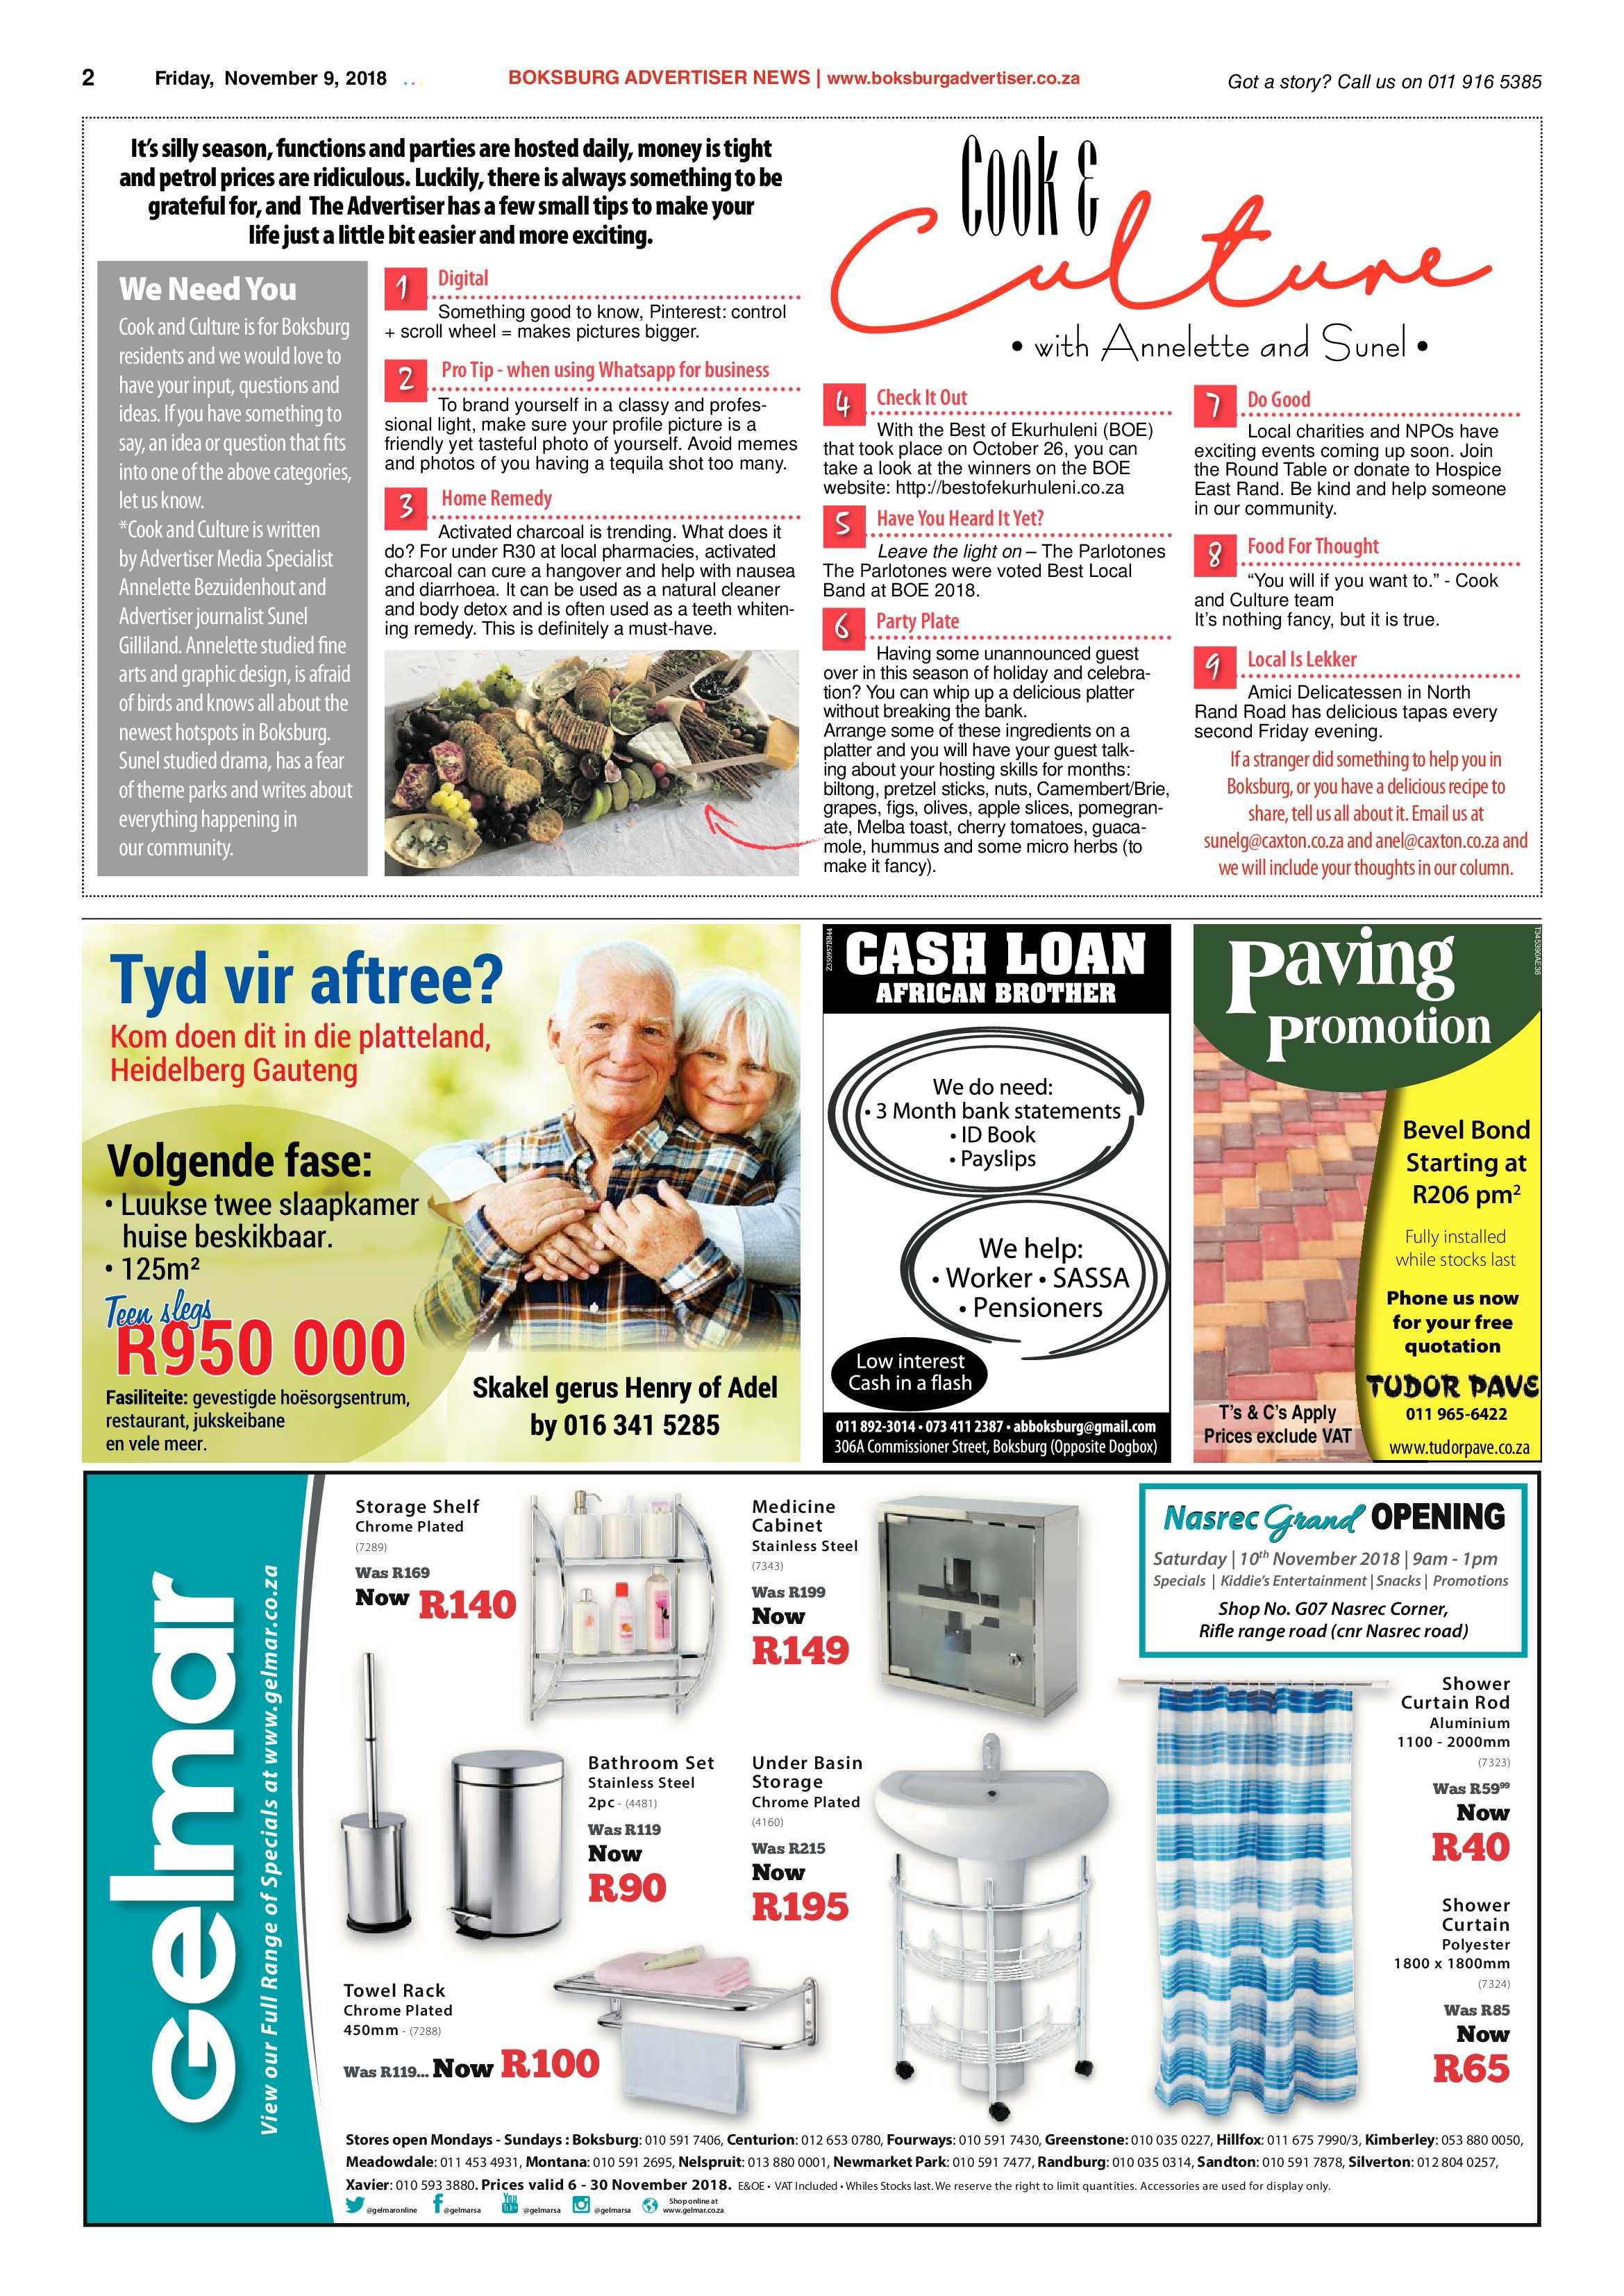 boksburg-advertiser-06-november-2018-epapers-page-2